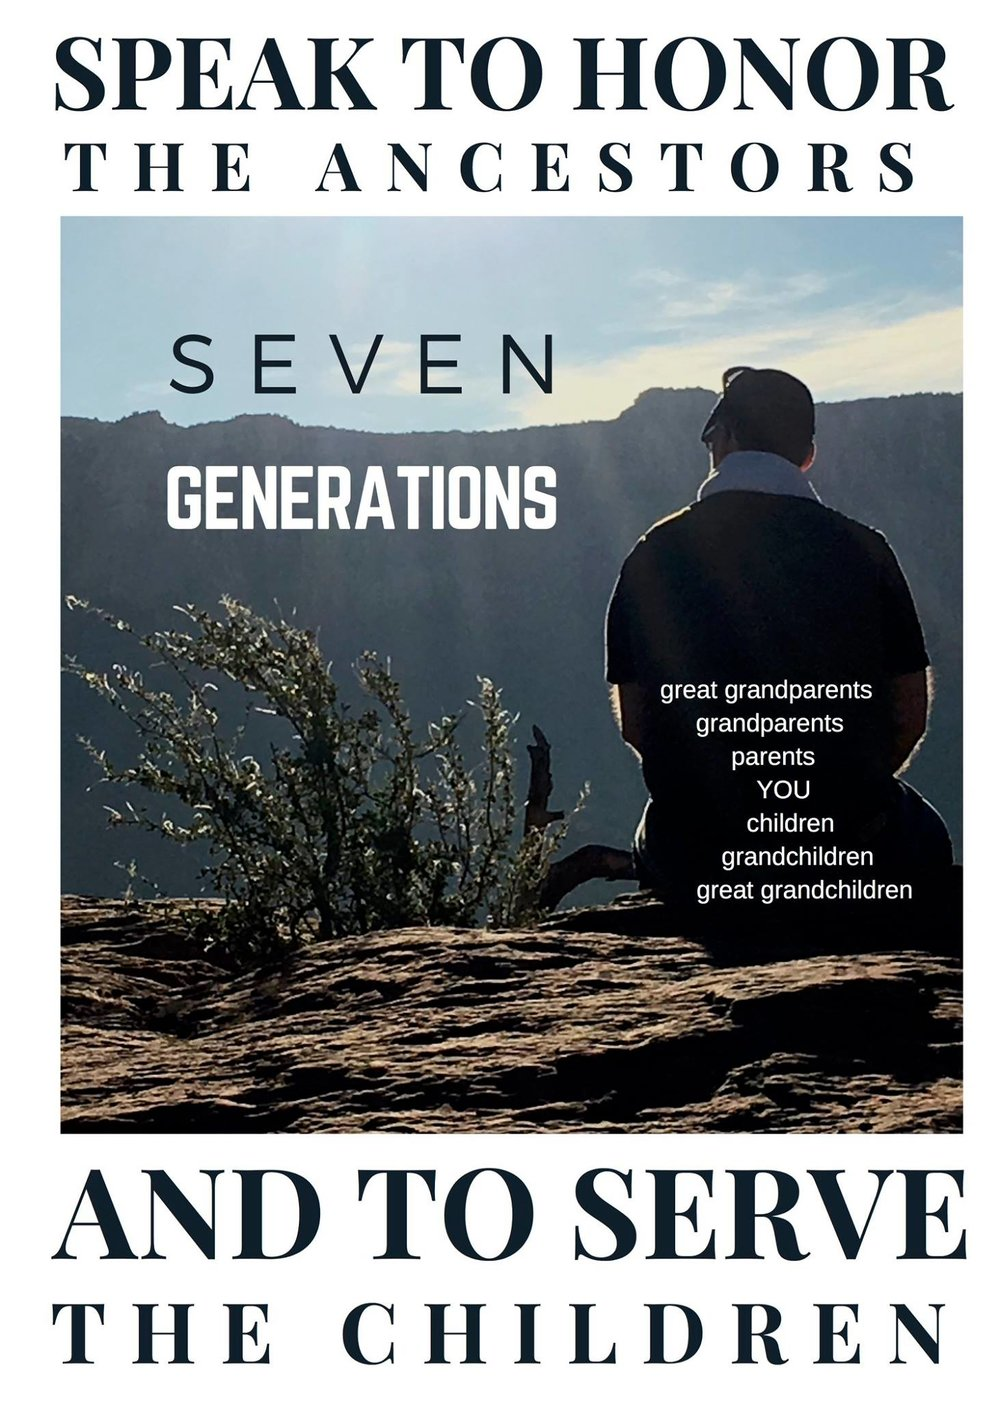 SevenGenerations.jpg